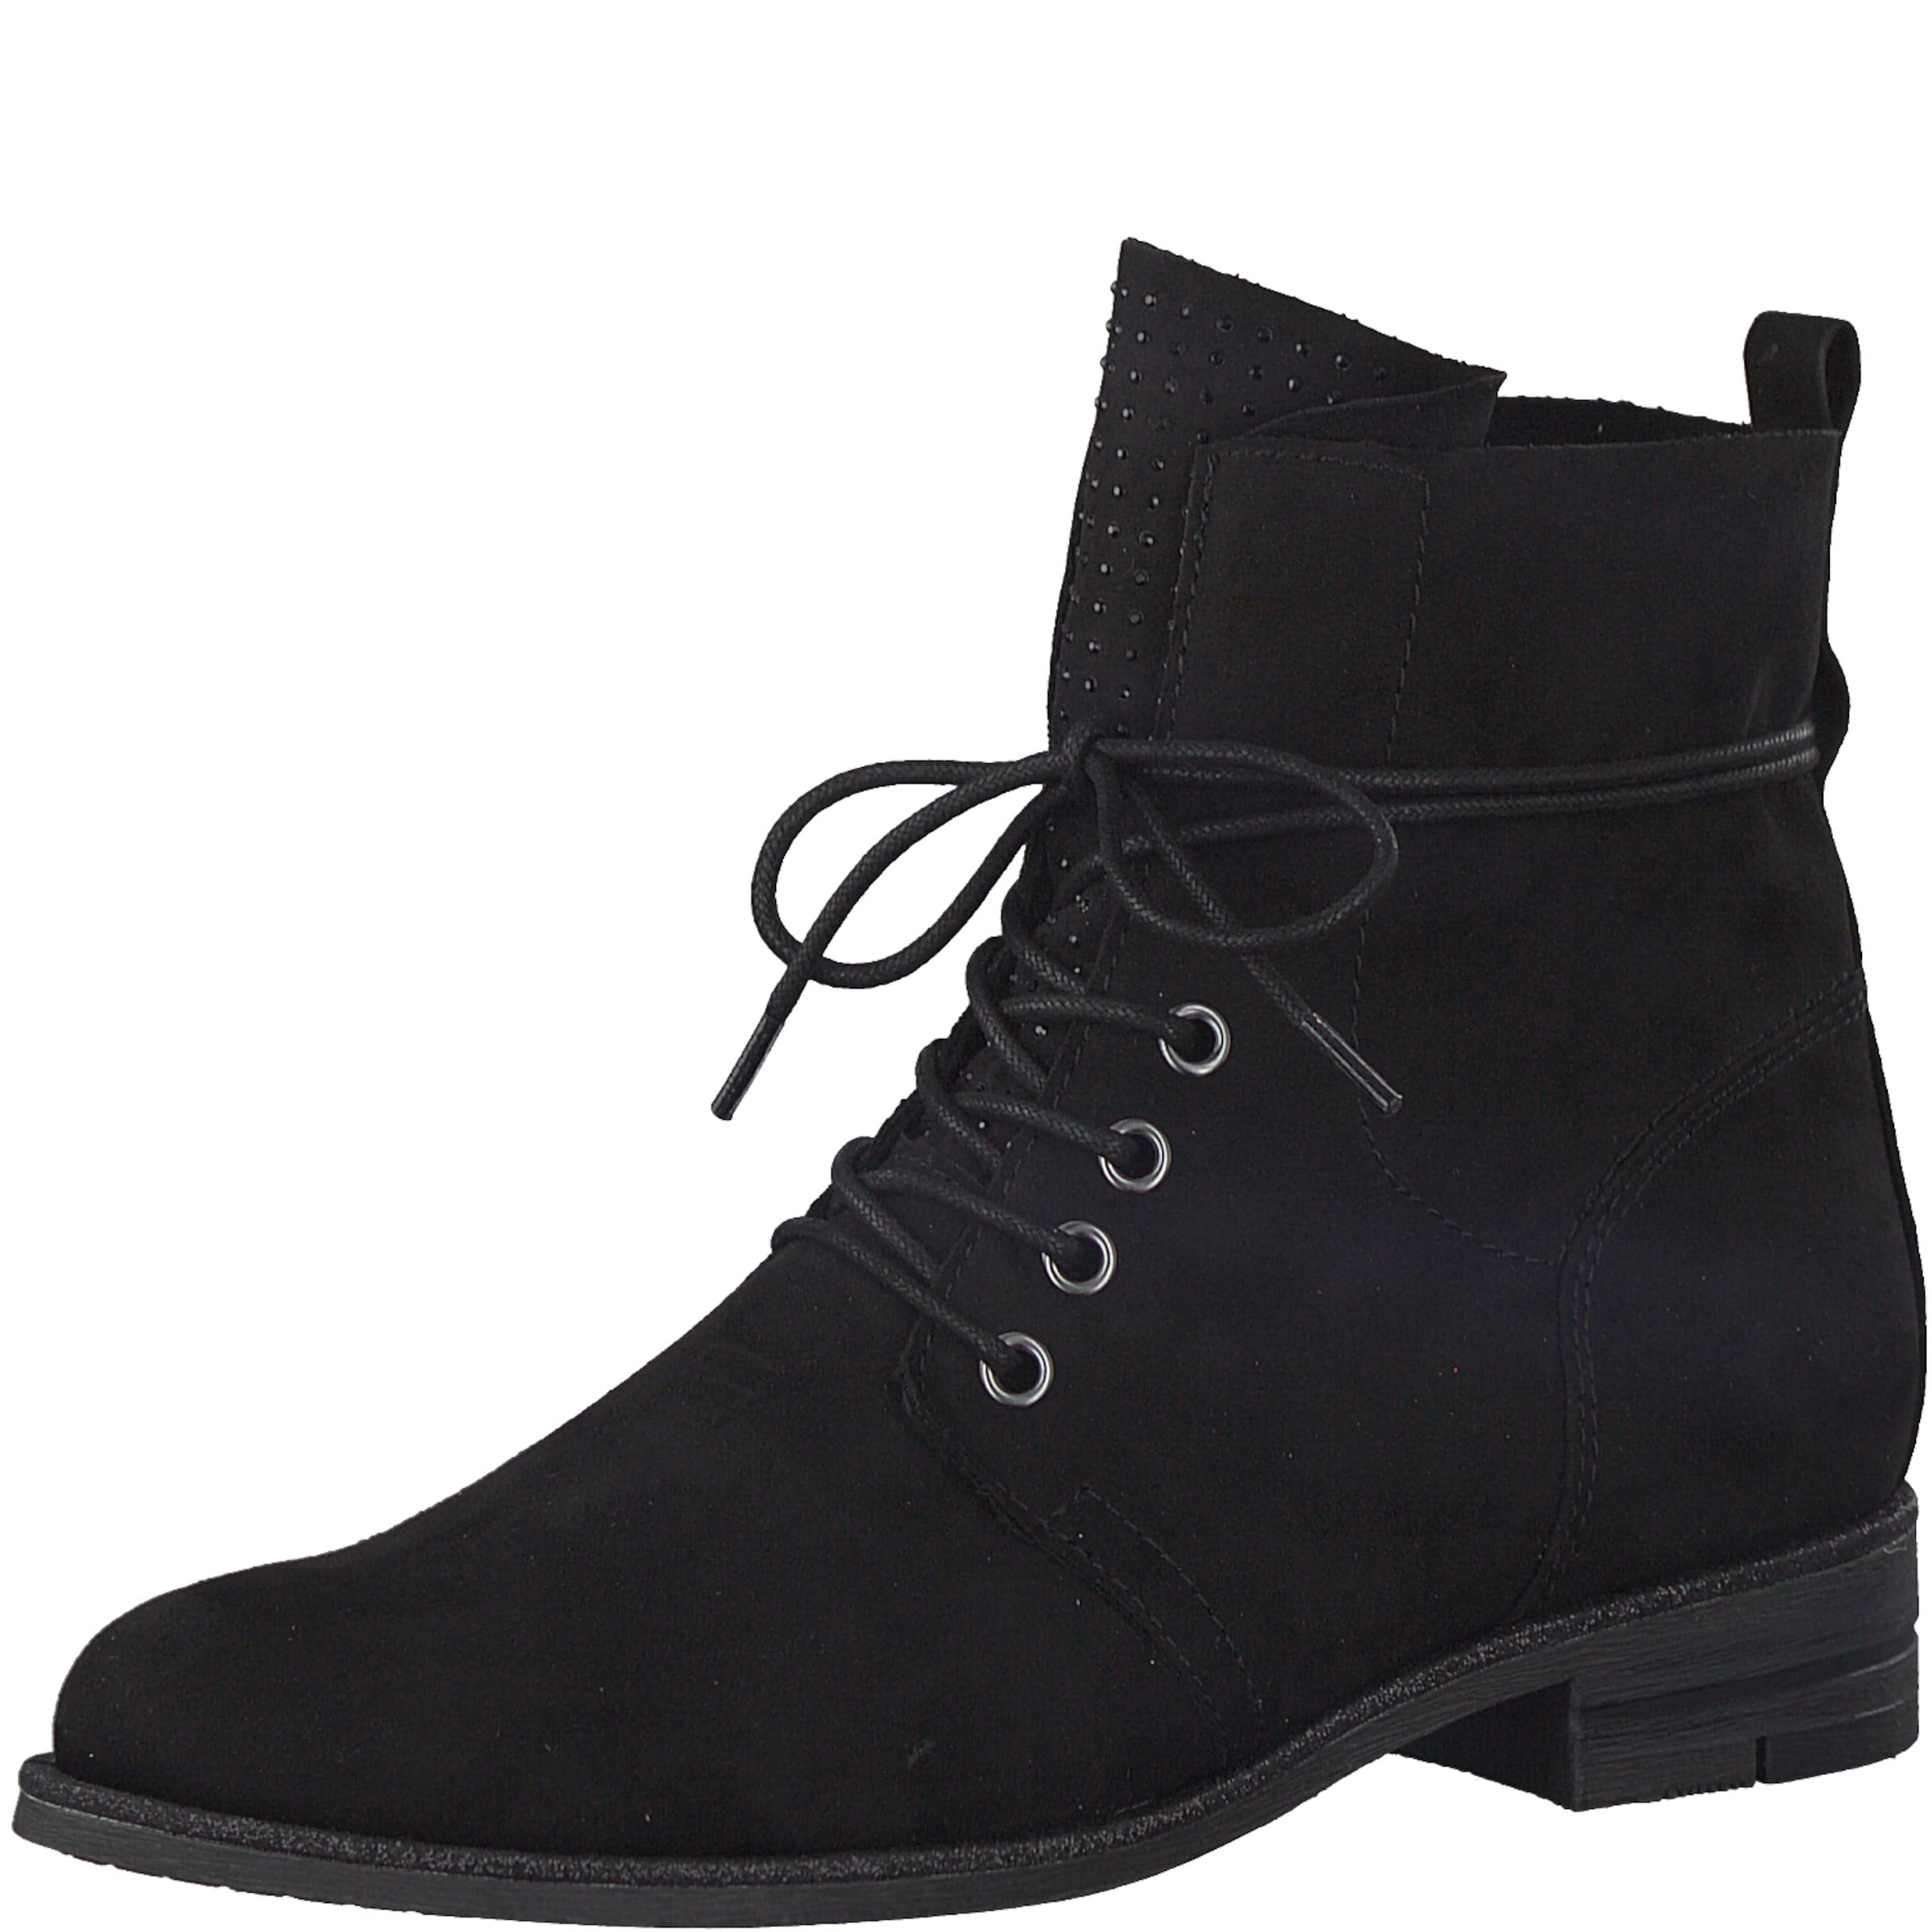 MARCO TOZZI Schnürstiefelette Verschleißfeste billige billige Verschleißfeste Schuhe c68811